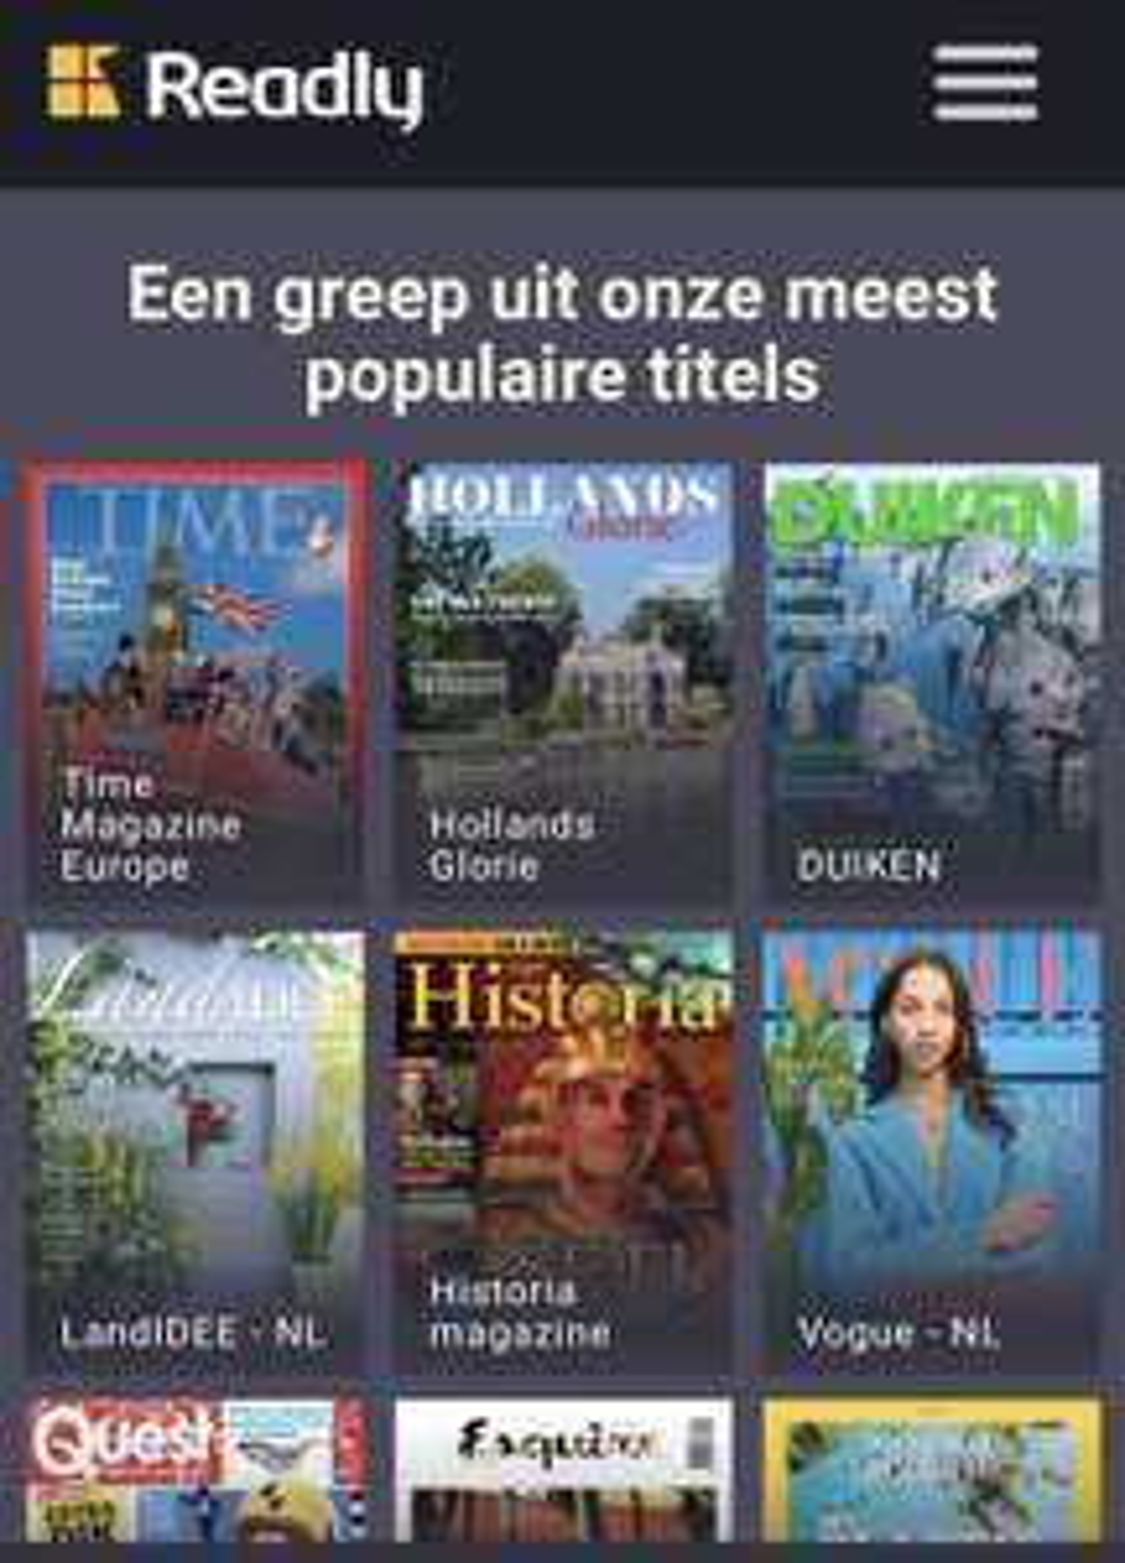 2 maand Readly voor €0,99 (onbeperkt tijdschriften lezen)